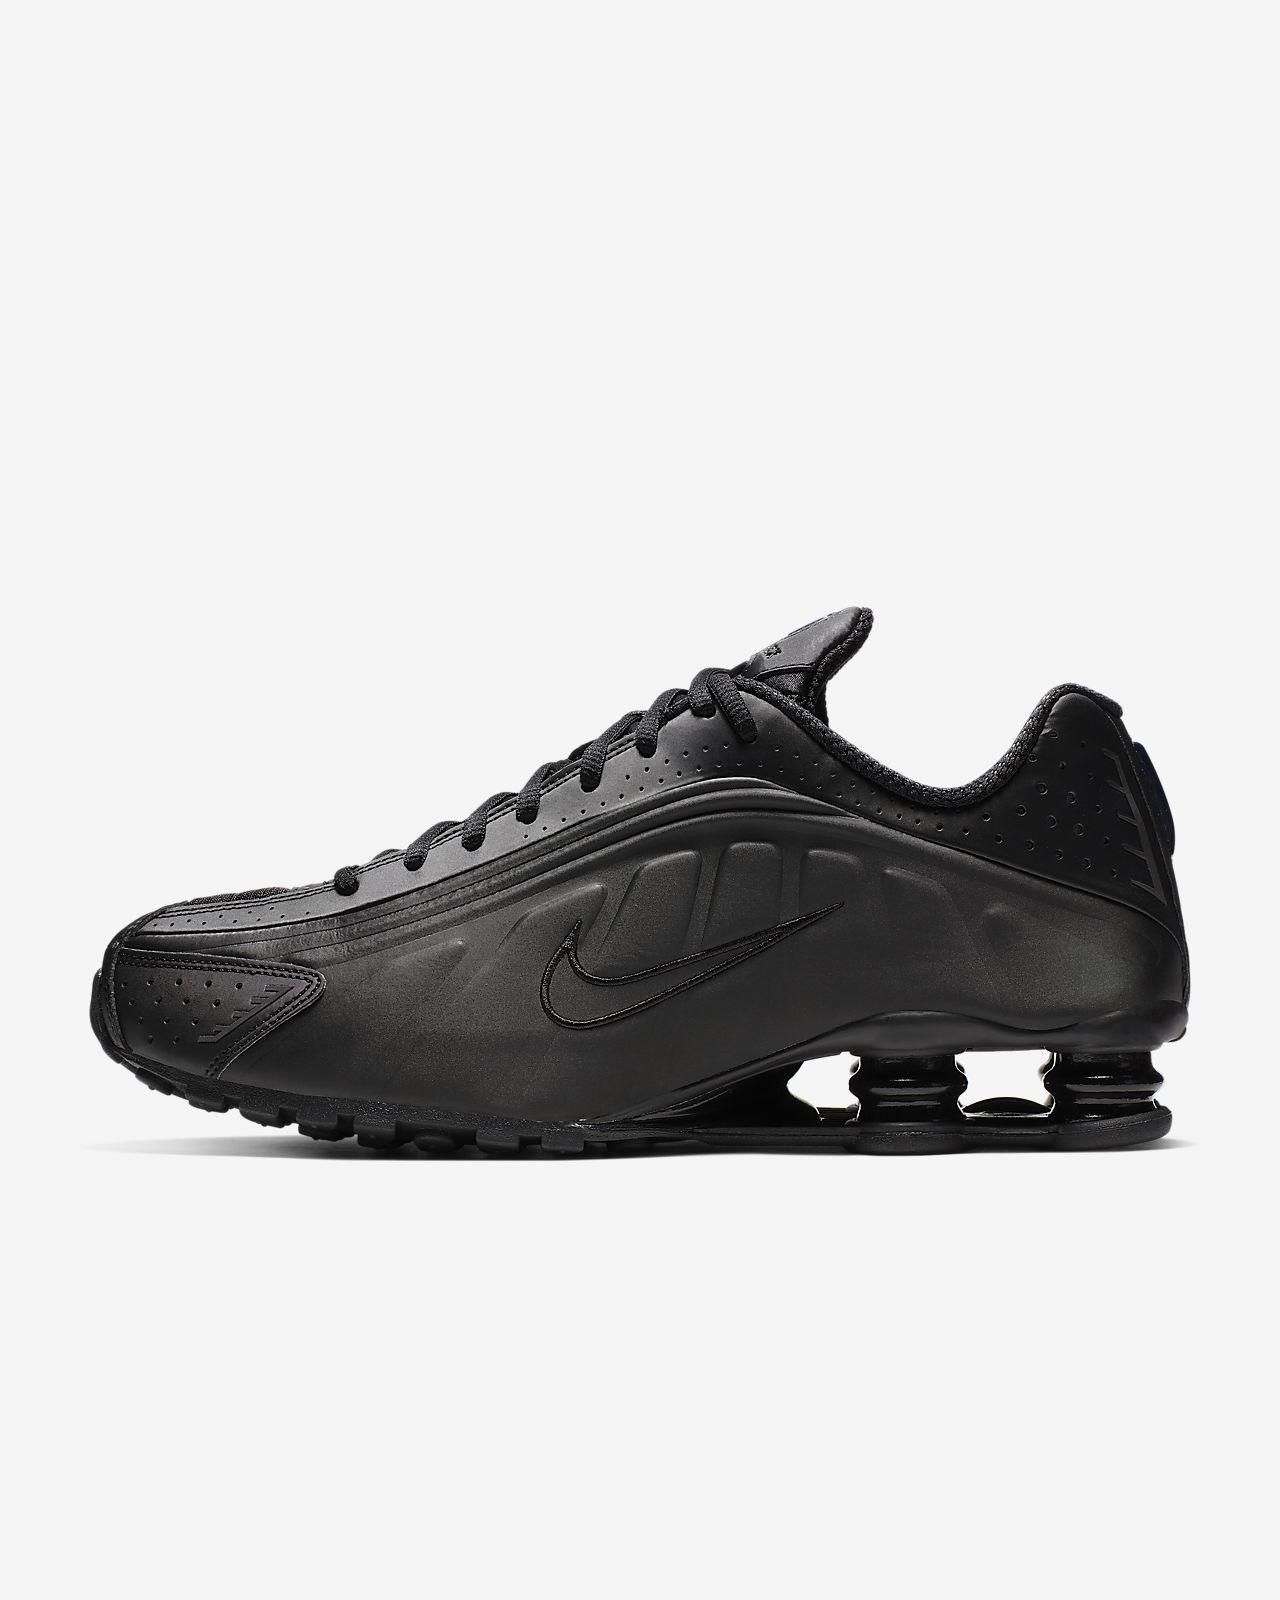 Nike Shox R4 Shoe